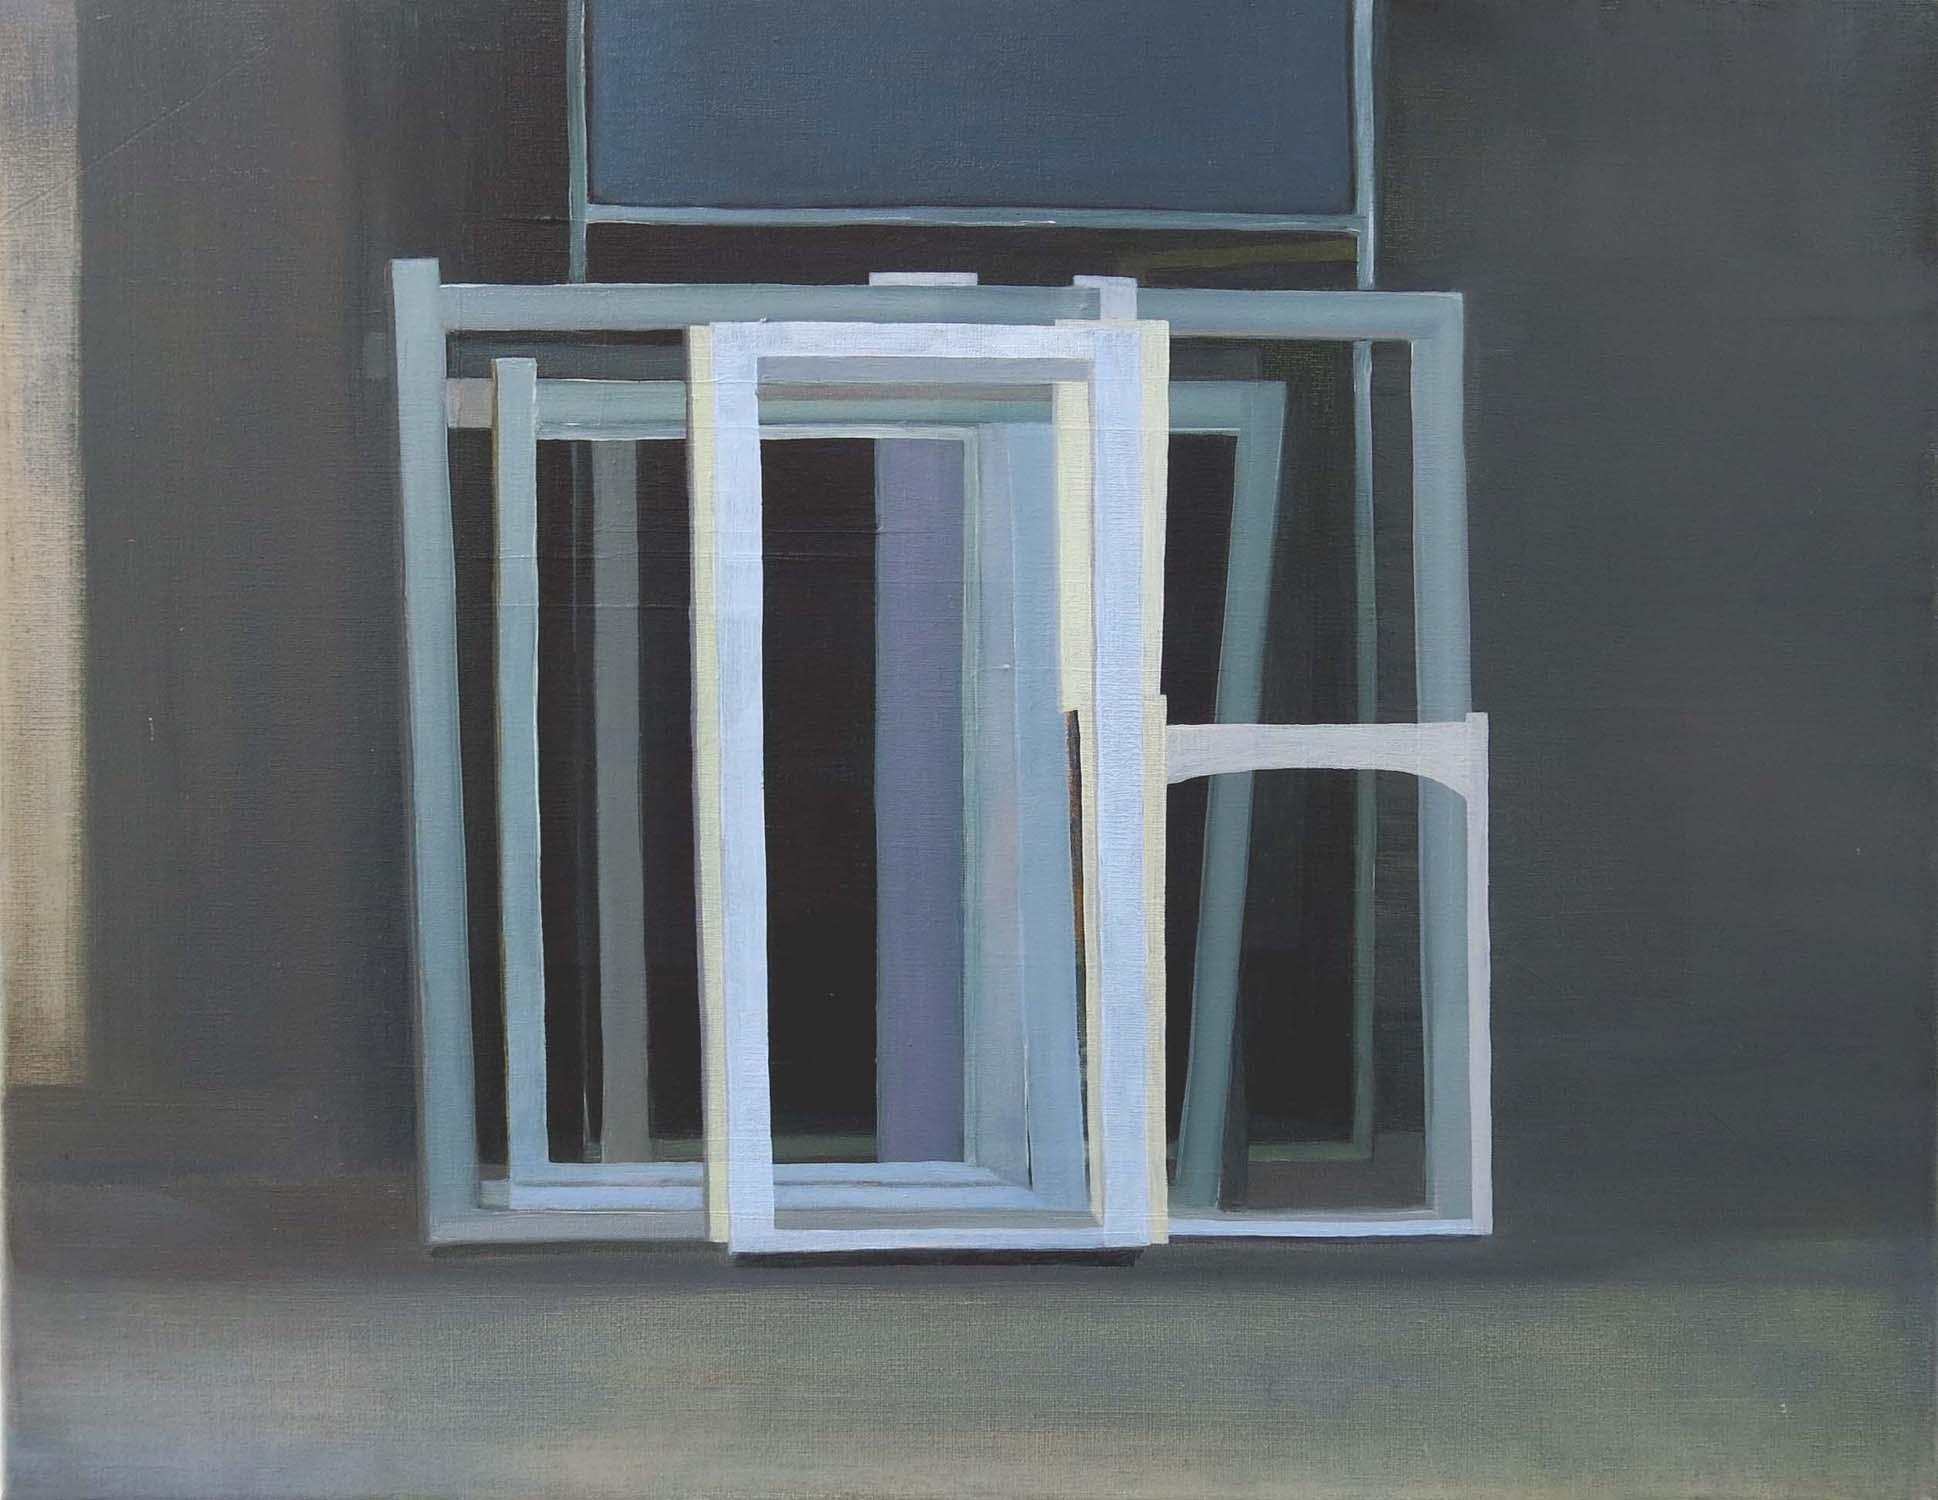 Window Frames II    2014, oil on canvas, 35 x 45cm